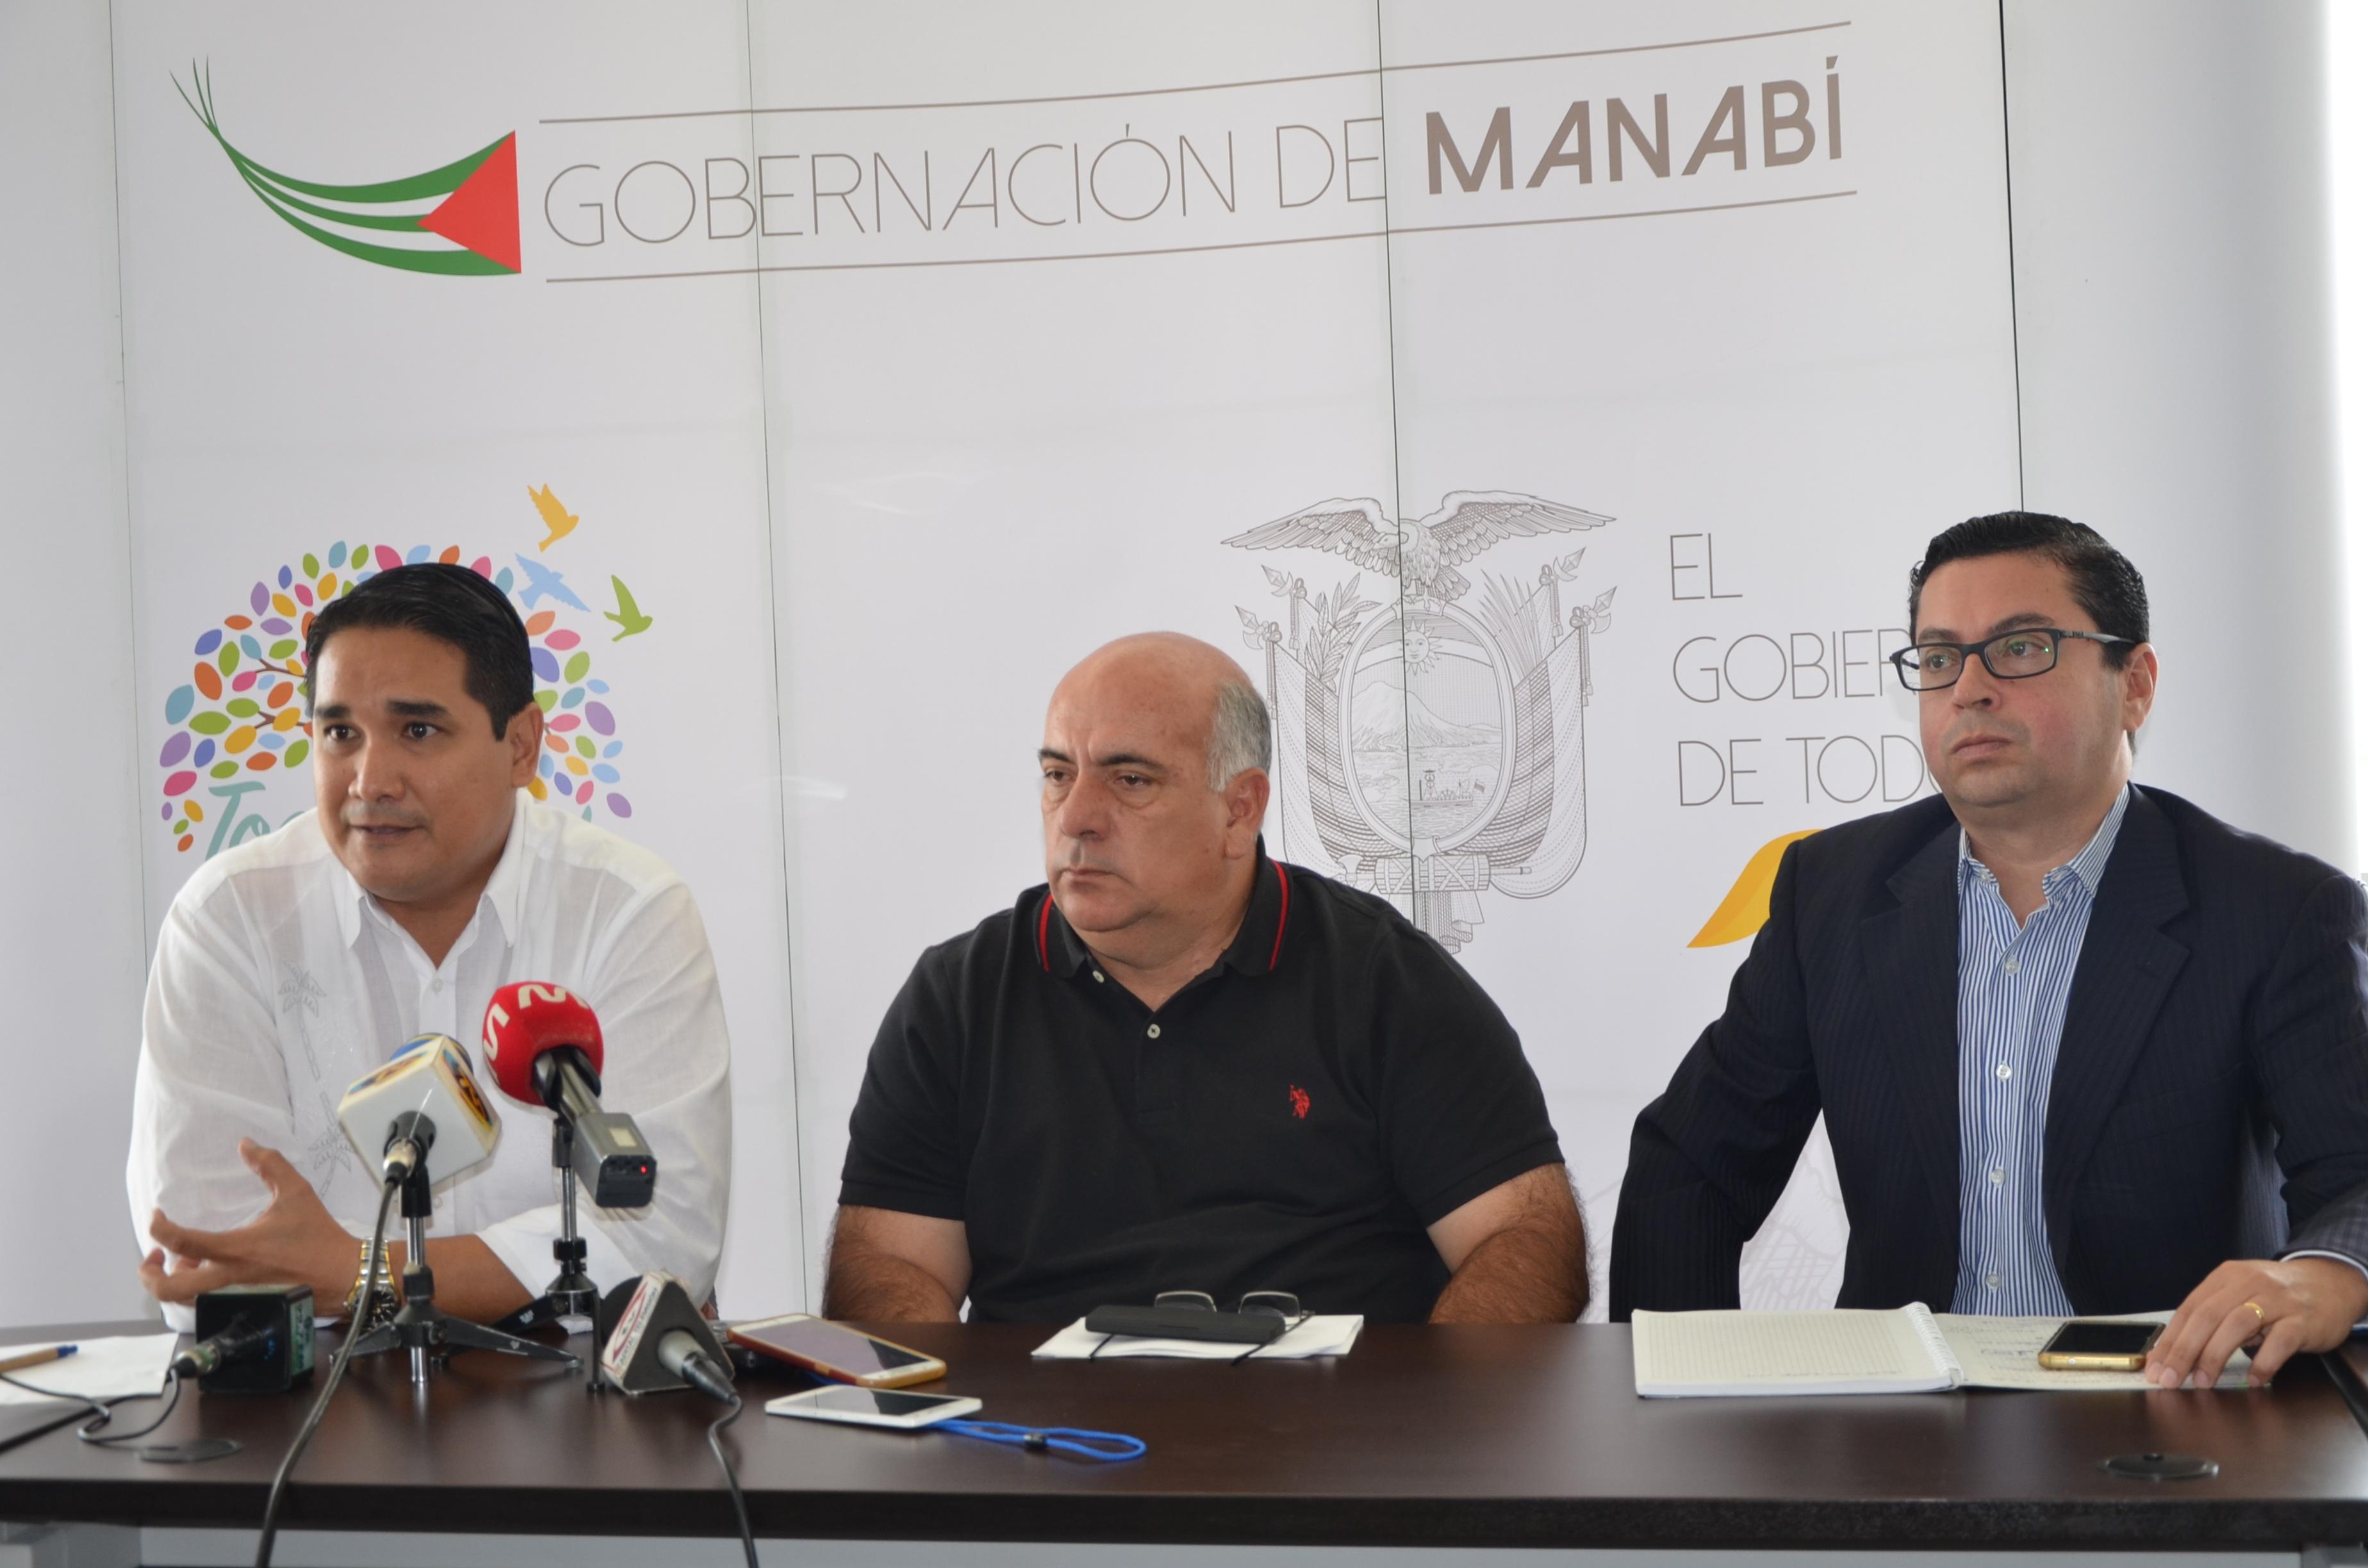 PROPIETARIOS DE MULTIFAMILIARES MANTA Y PORTOVIEJO TIENEN PLAZO DE 15 DÍAS PARA CERTIFICAR LA TITULARIDAD DE LOS DEPARTAMENTOS